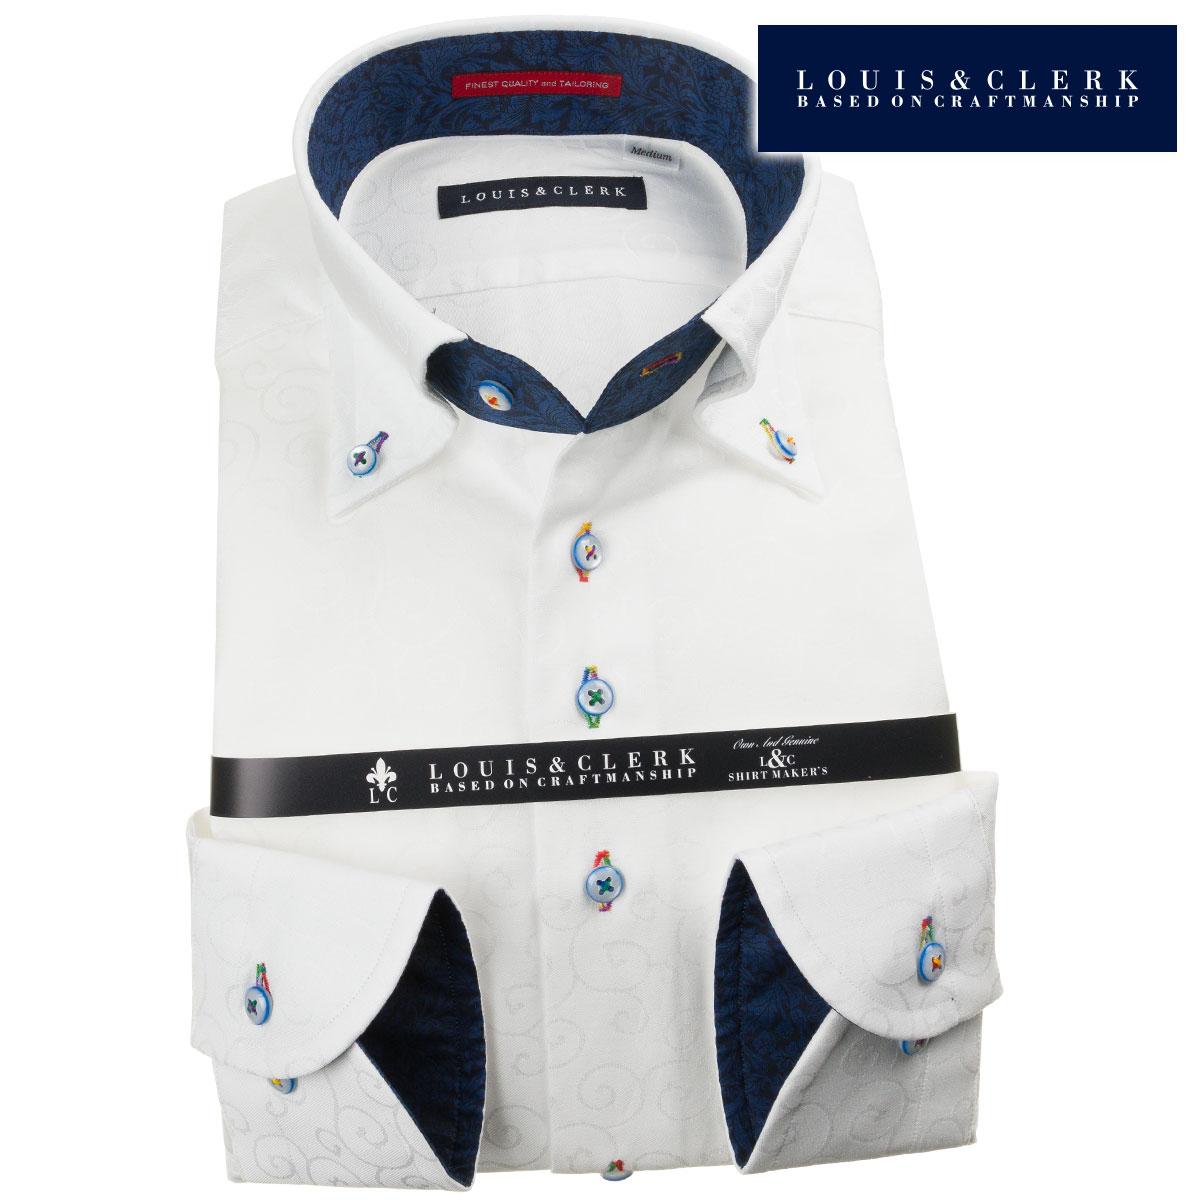 ドレスシャツ ワイシャツ シャツ メンズ 国産 長袖 綿100% コンフォート ボタンダウン ホワイト ジャガード織唐草柄 1907 派手 個性的 オシャレ